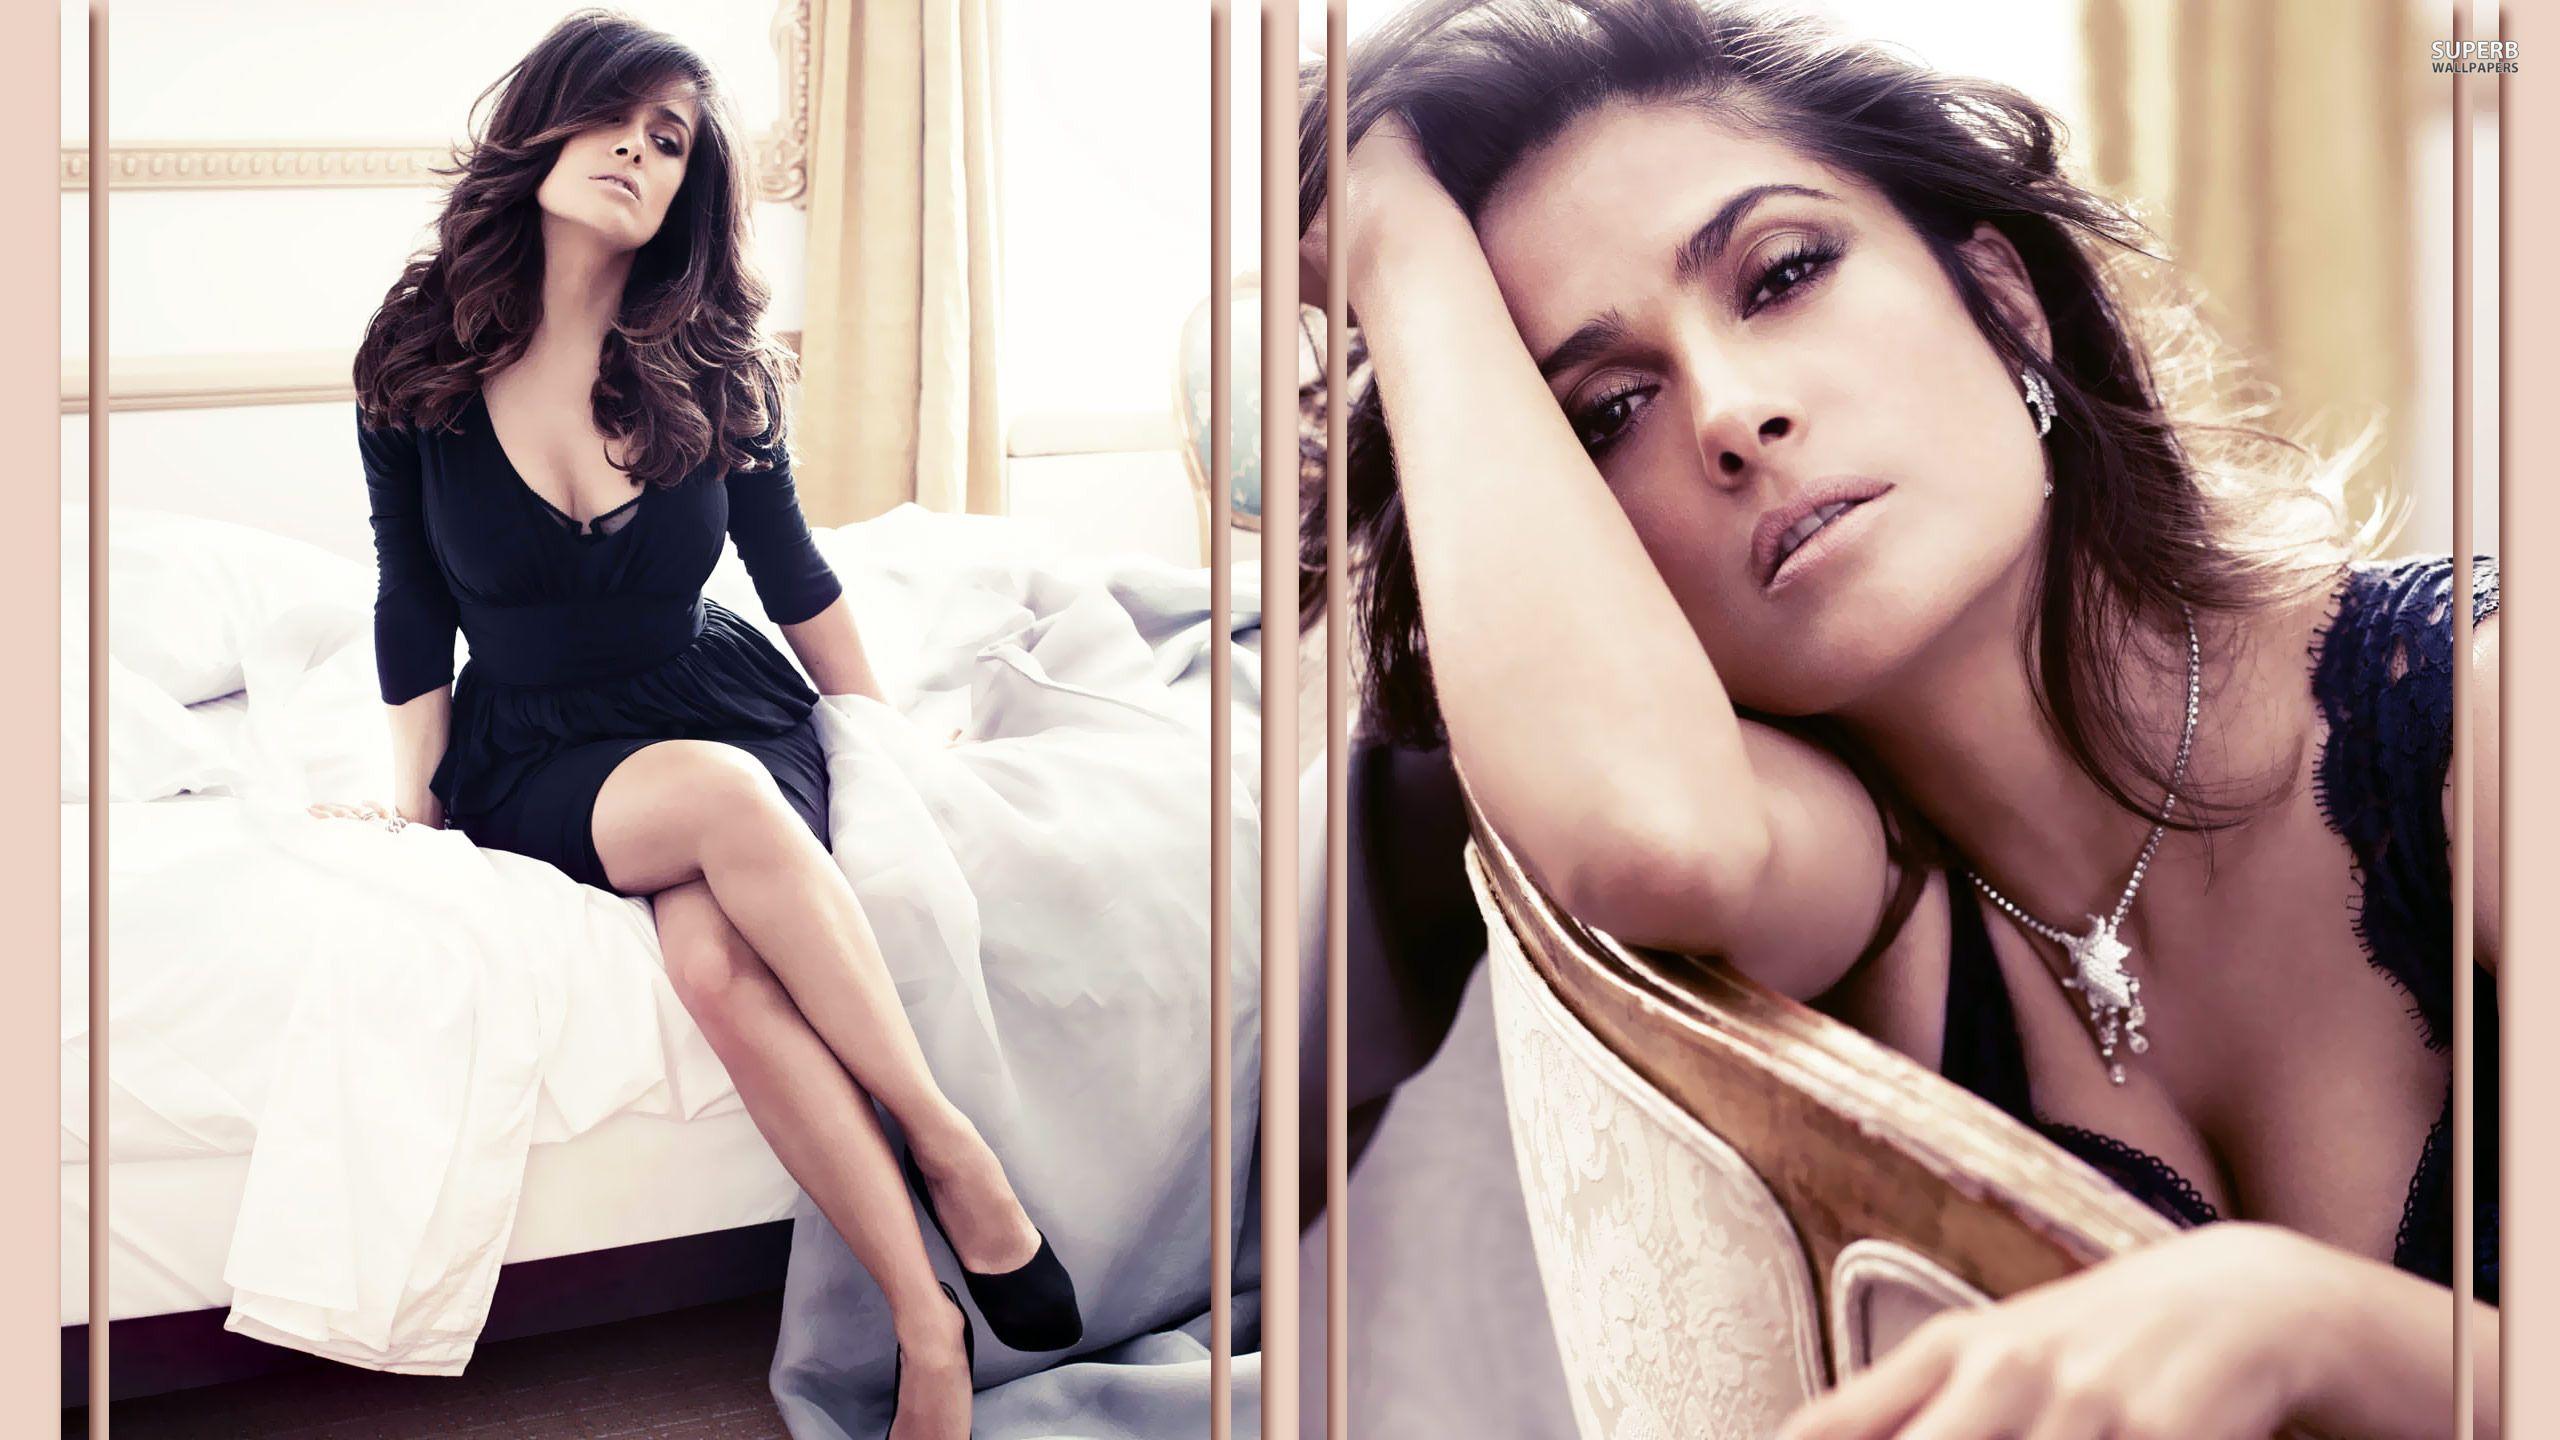 Beautiful Woman Salma Hayek Wallpaper CloudPix